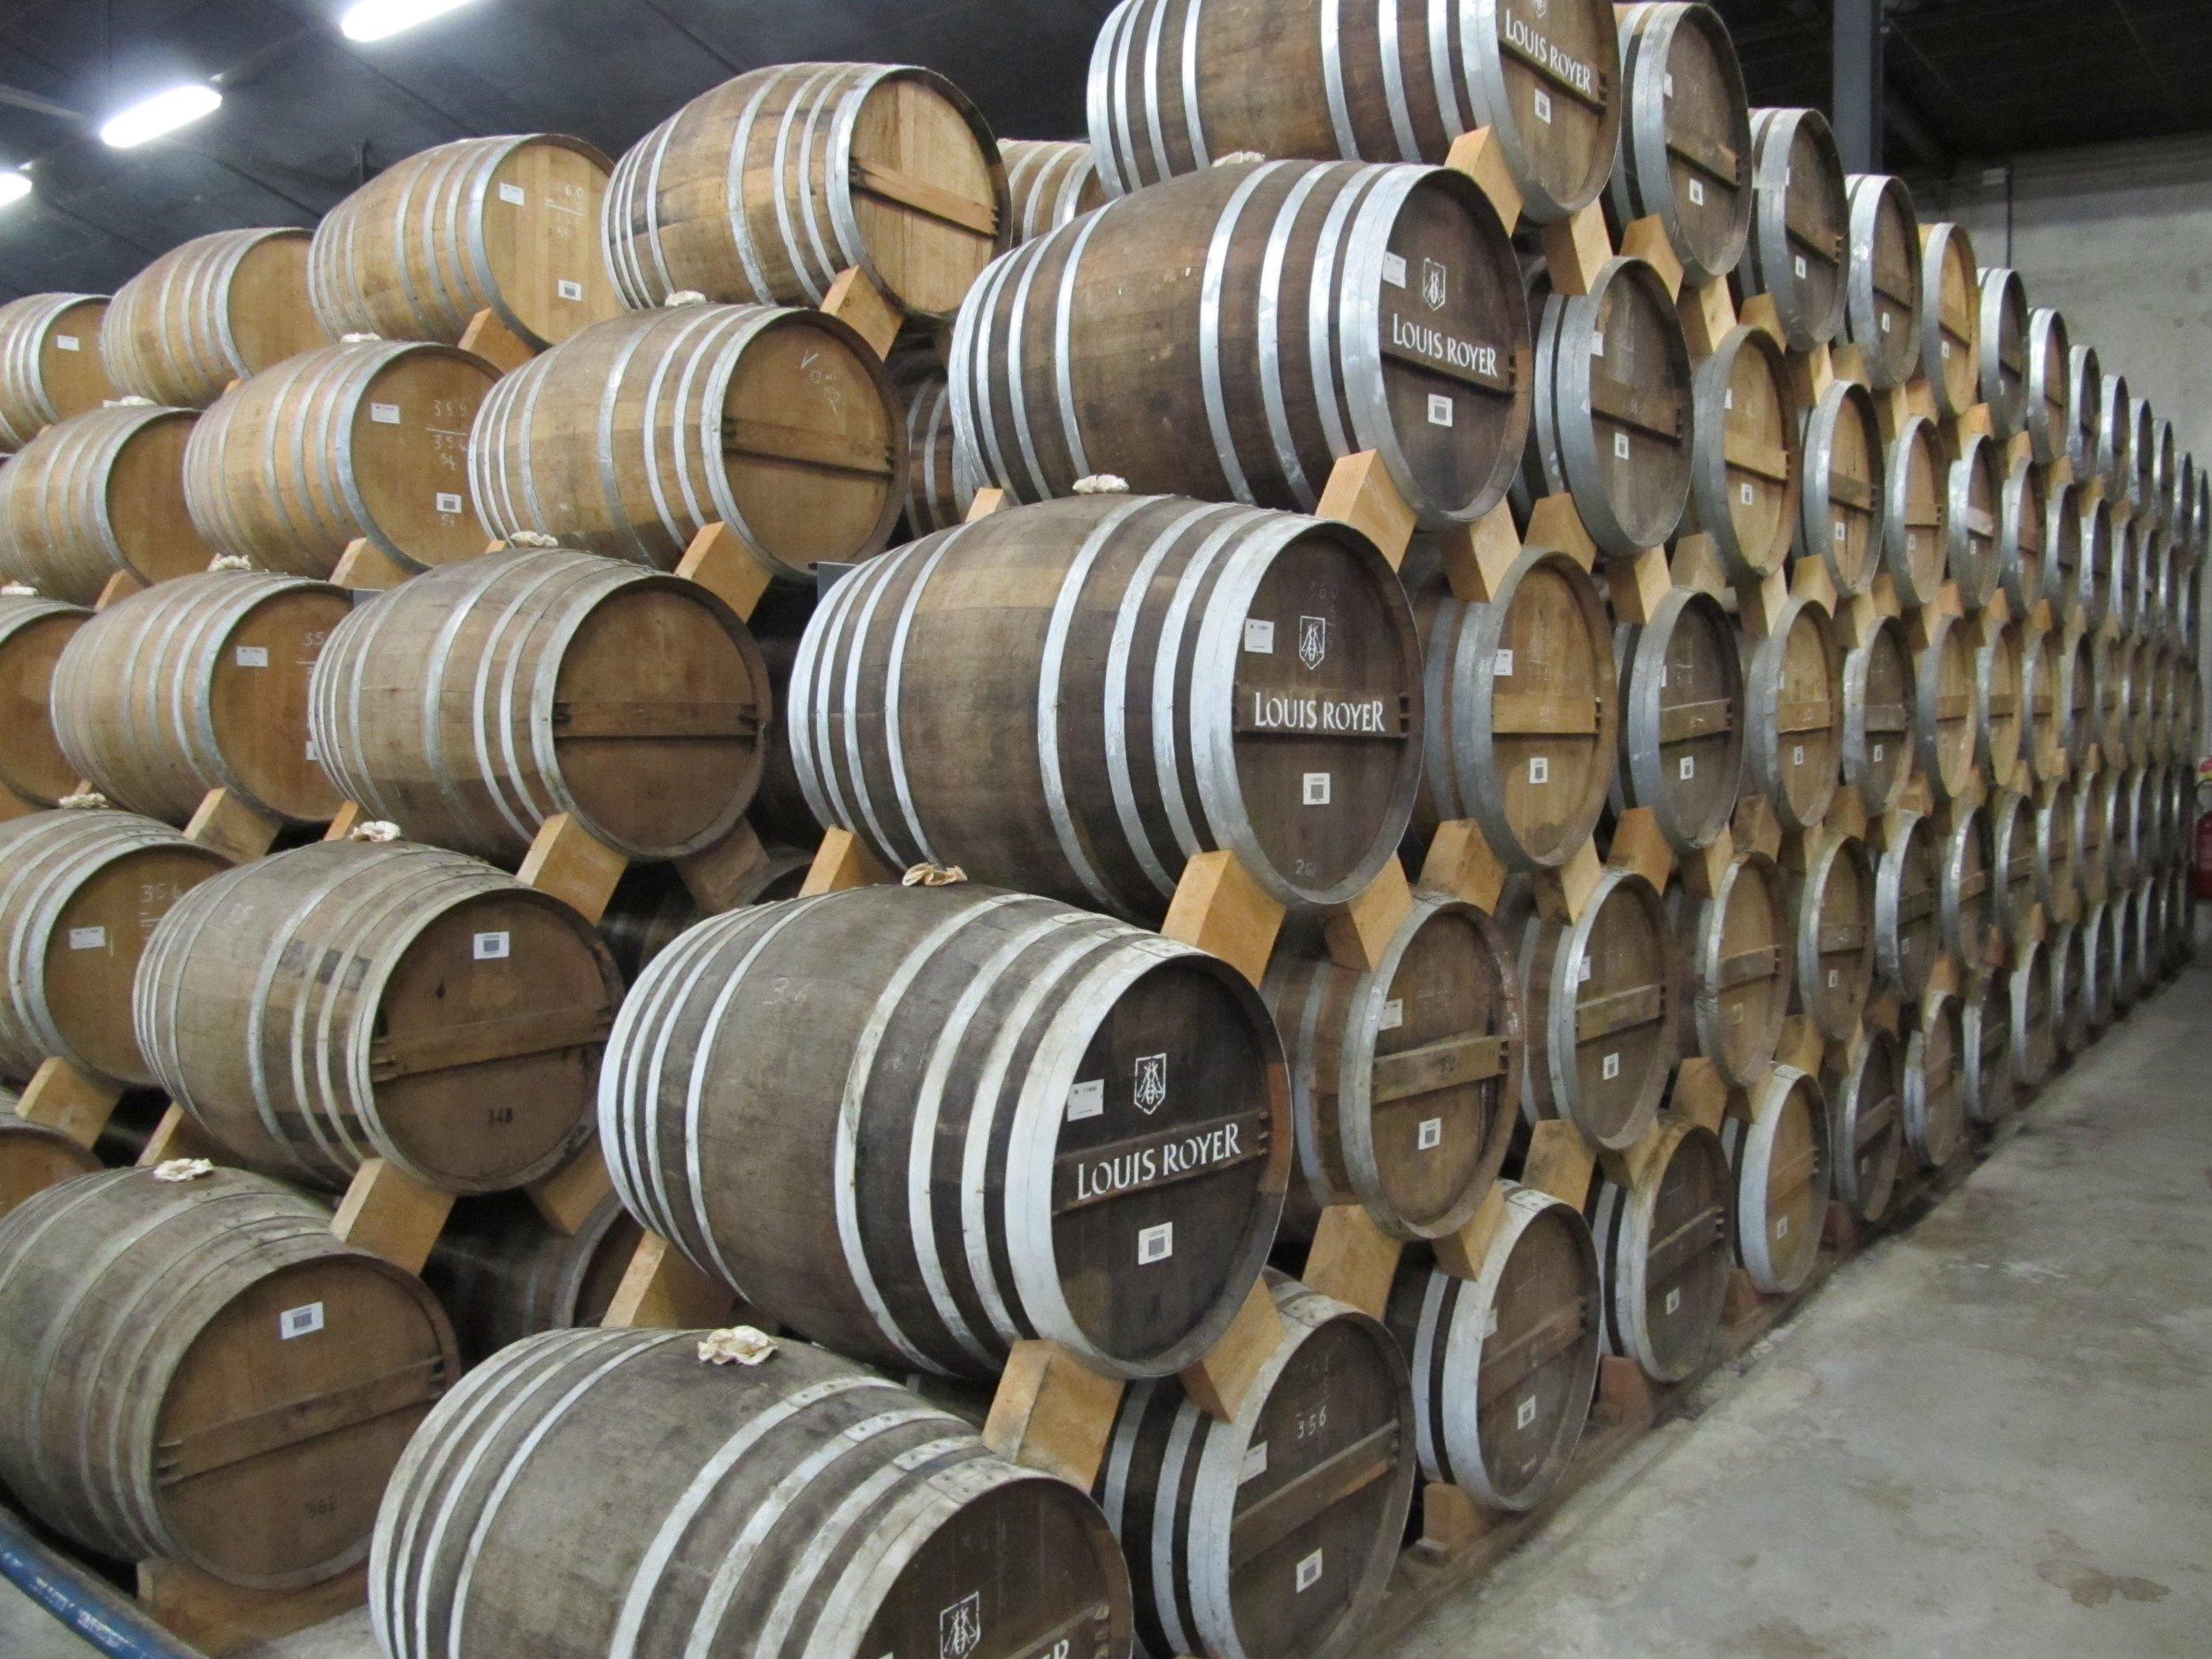 Louis-Royer-Distillery-cognac-barrels-by-Mike-Gerrard.jpg